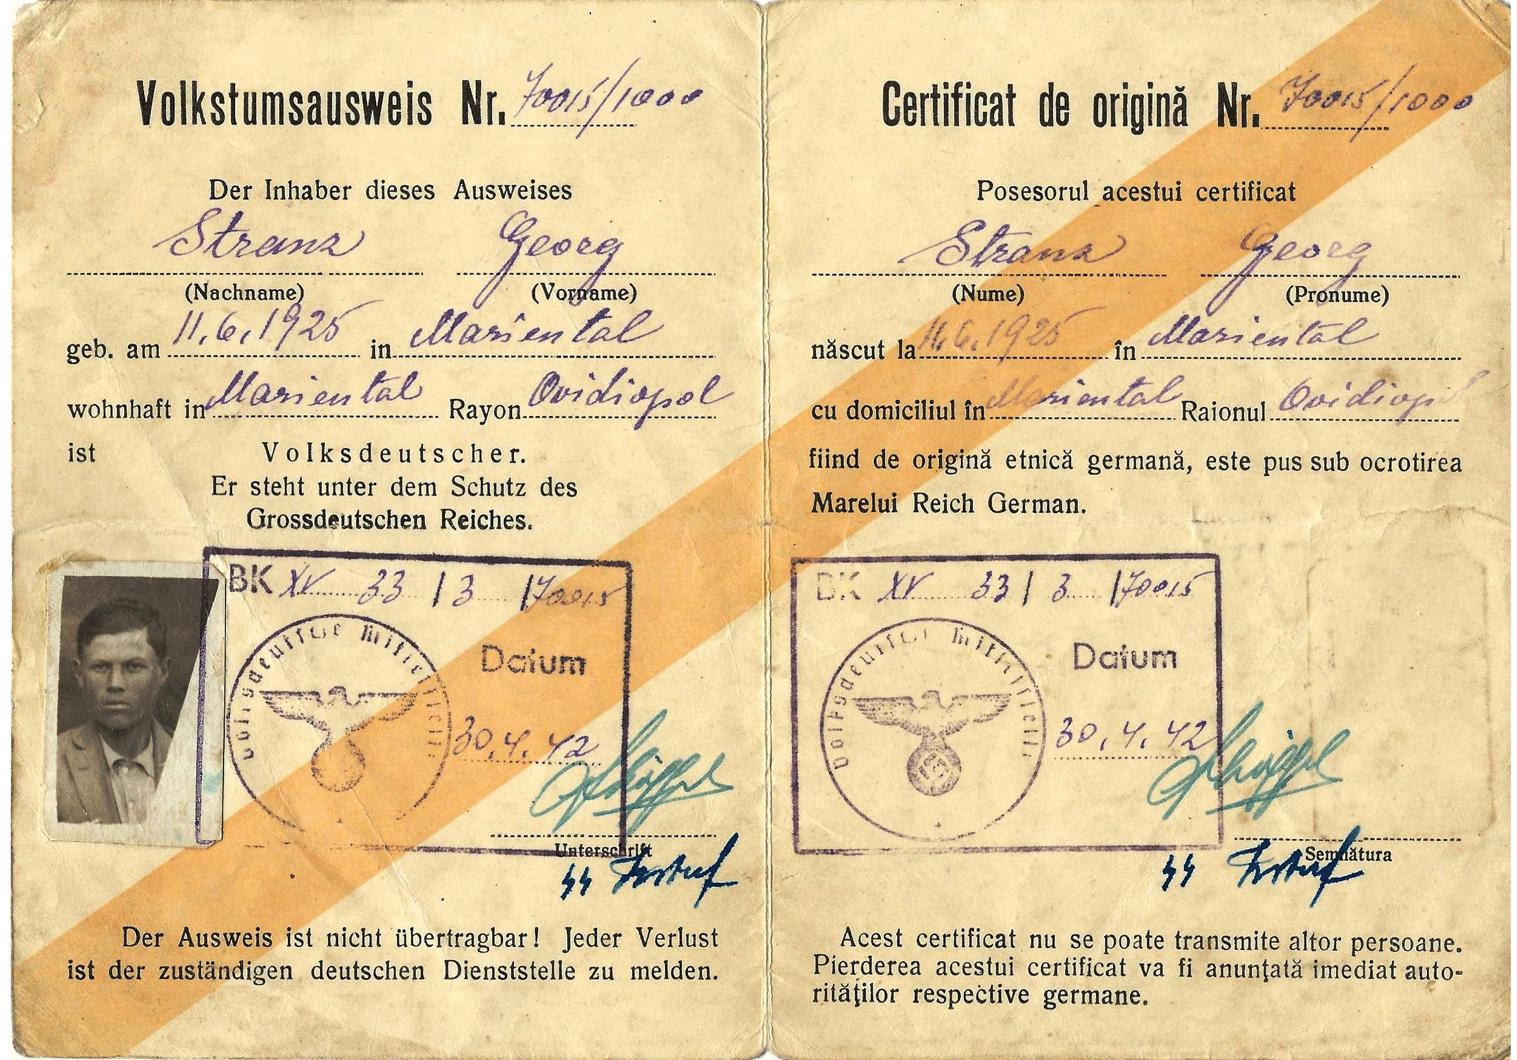 SS Volksdeutsche ausweis from Romania